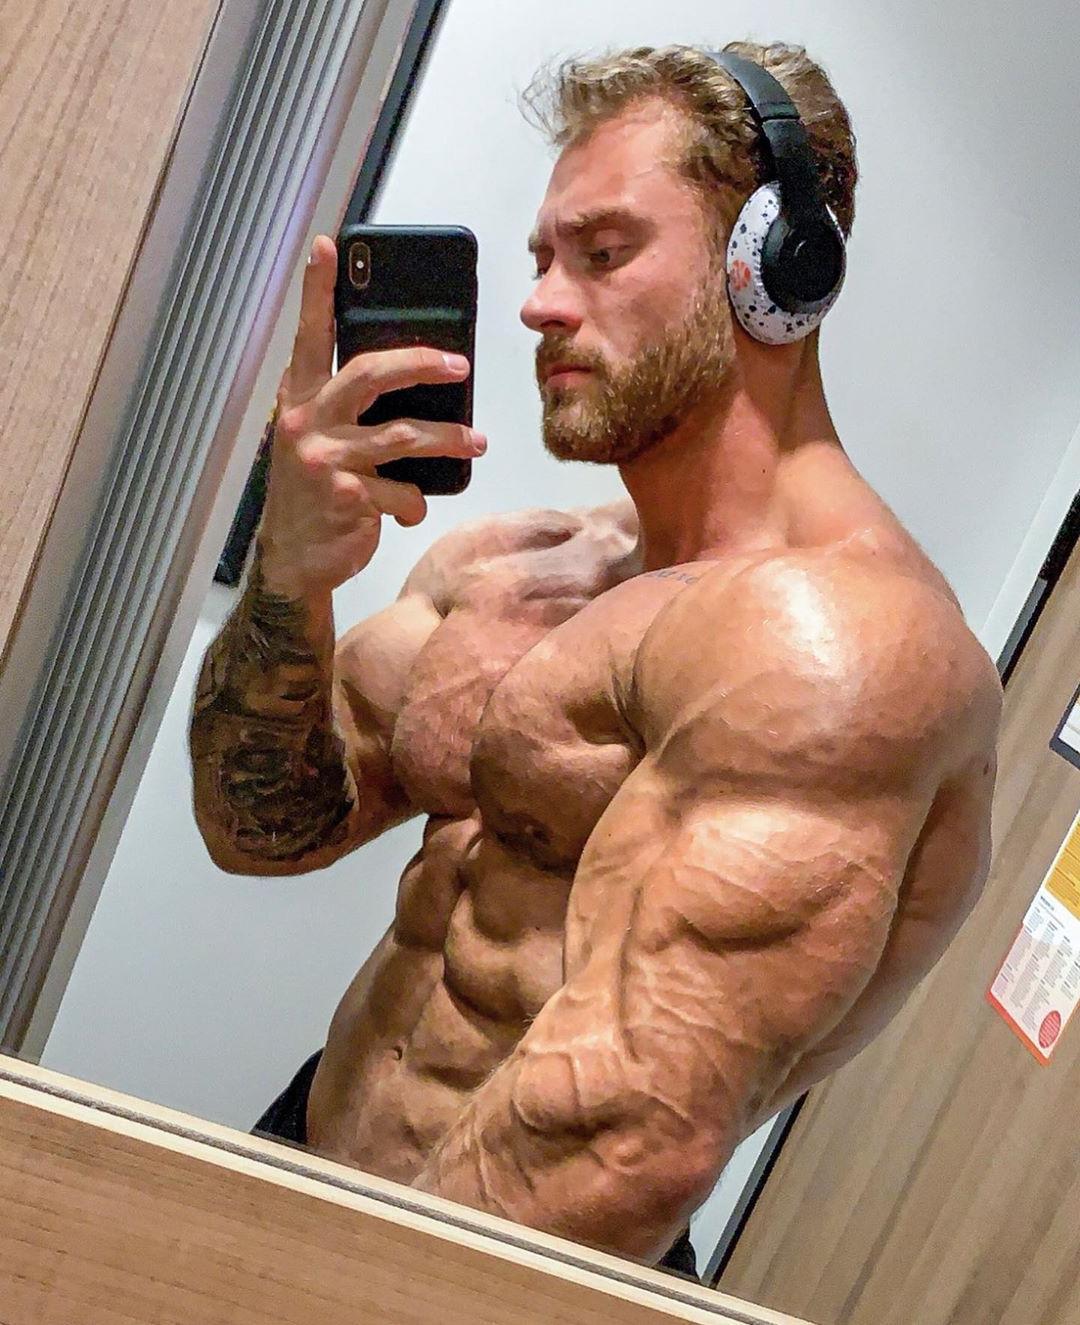 huge-swole-blond-bearded-rock-hard-veiny-muscle-man-pecs-abs-bodybuilder-biceps-selfie